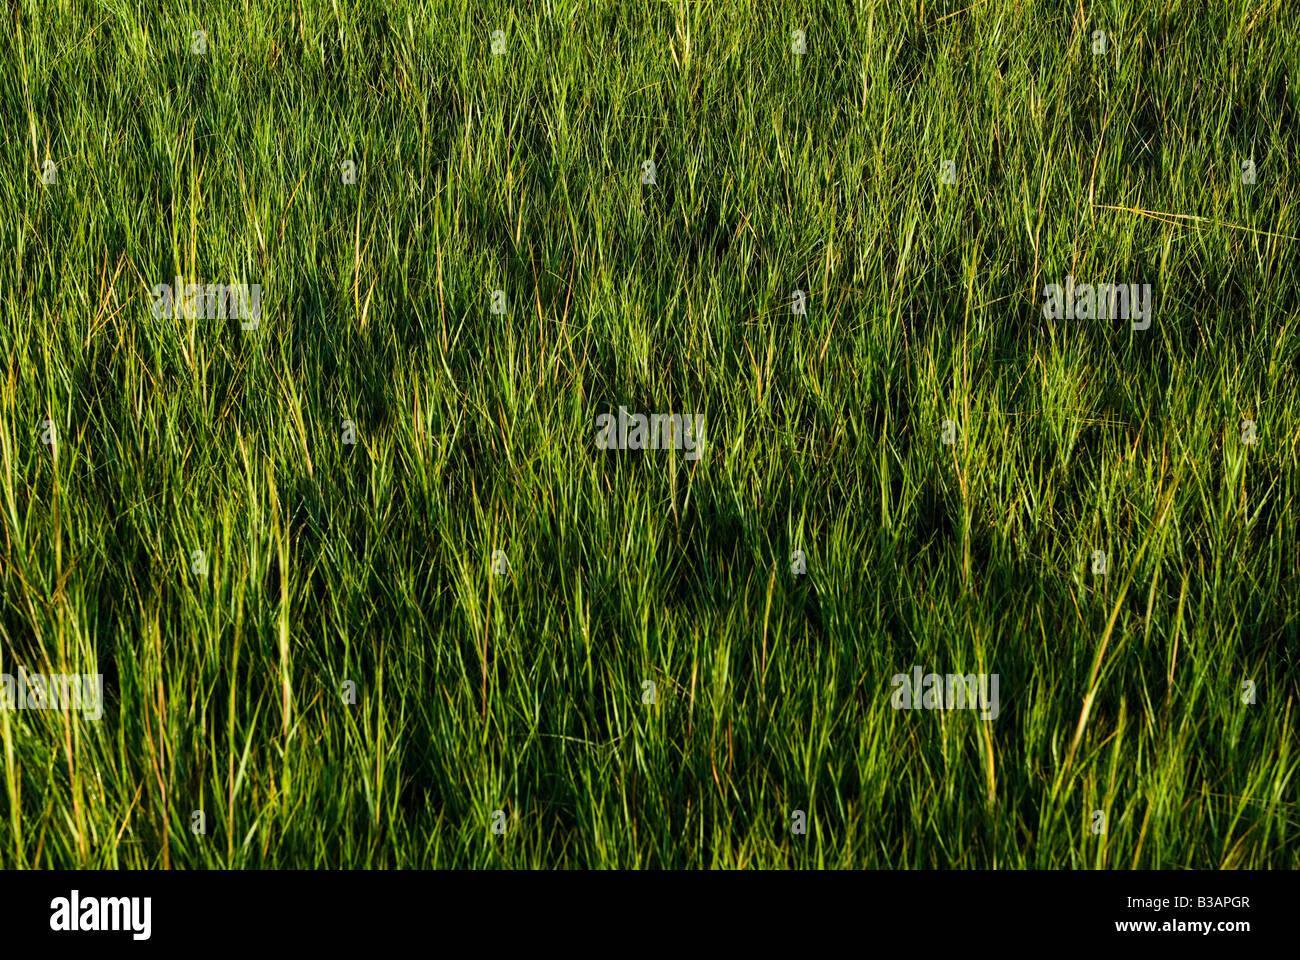 La Palude Salata erba. Immagini Stock